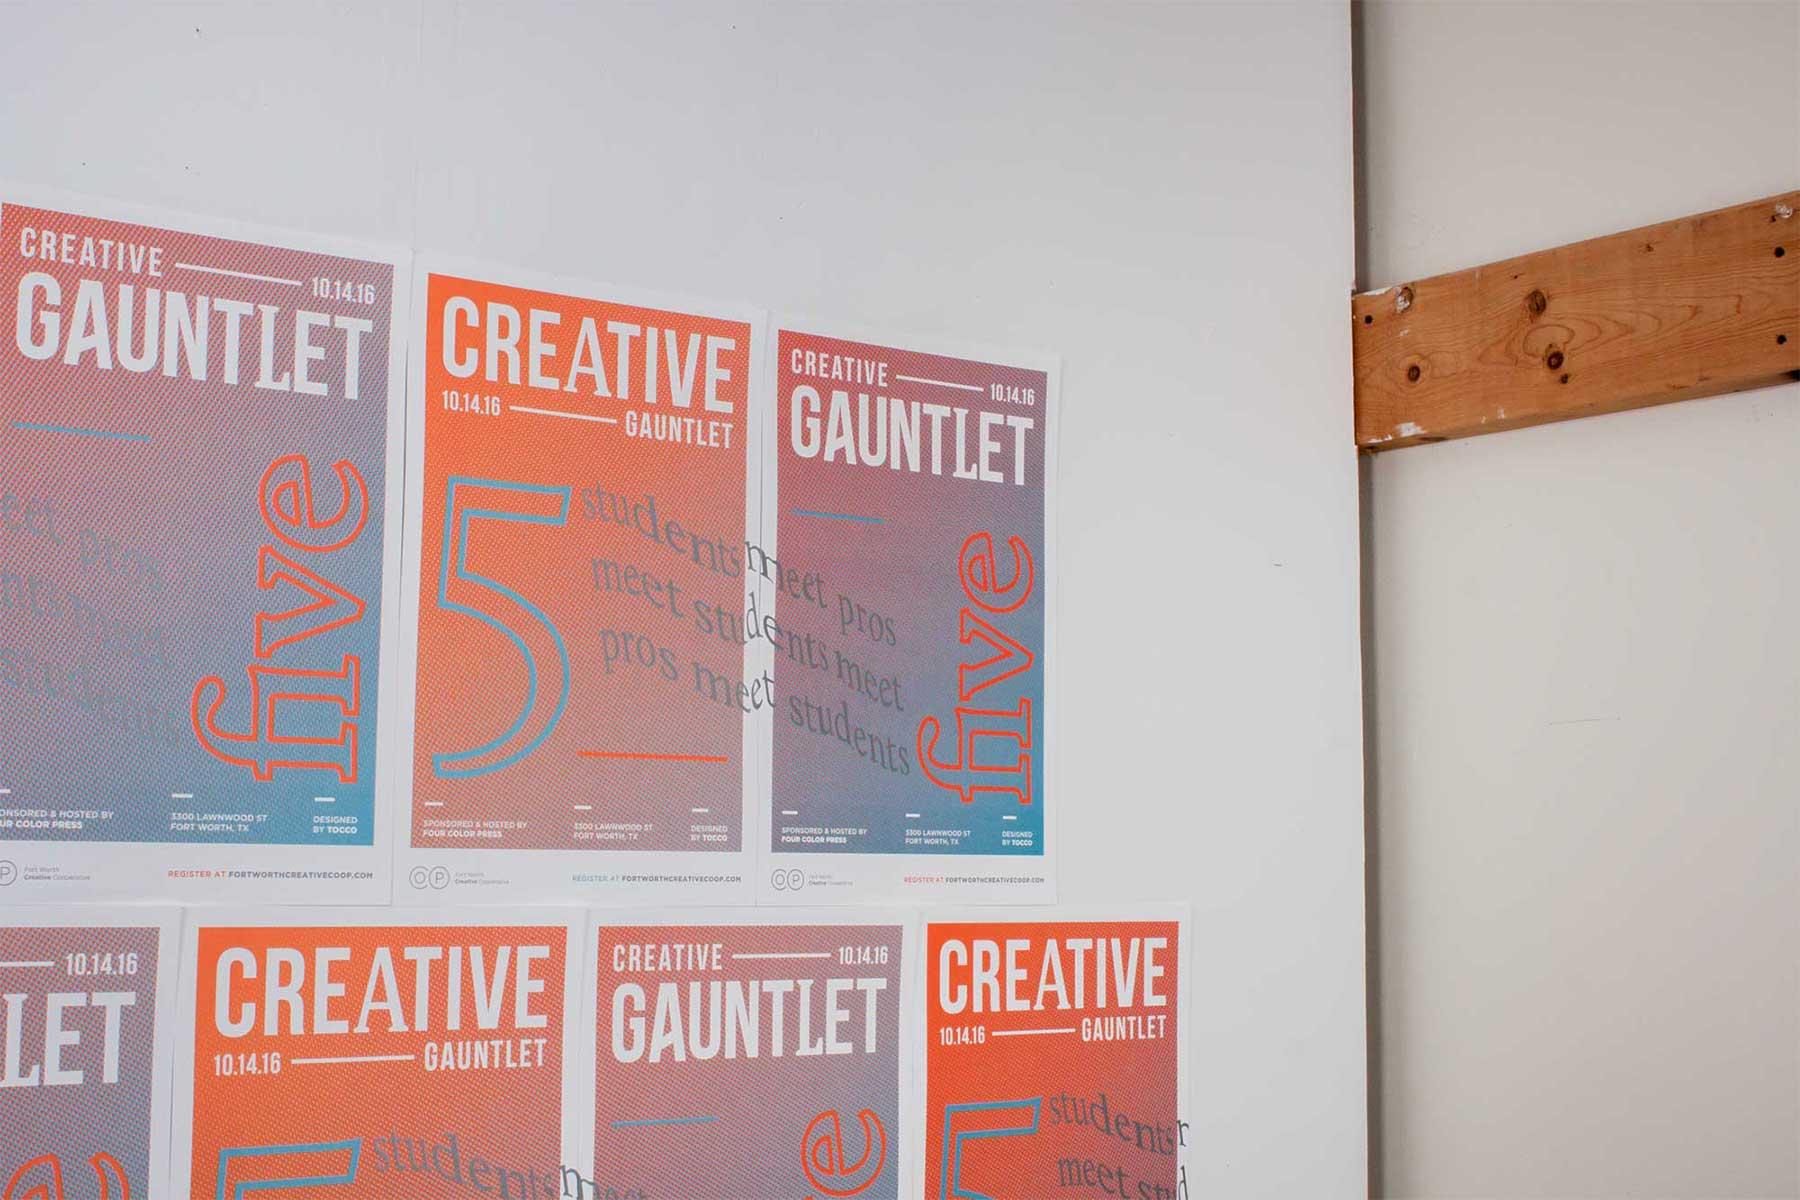 Creative Gauntlet 5